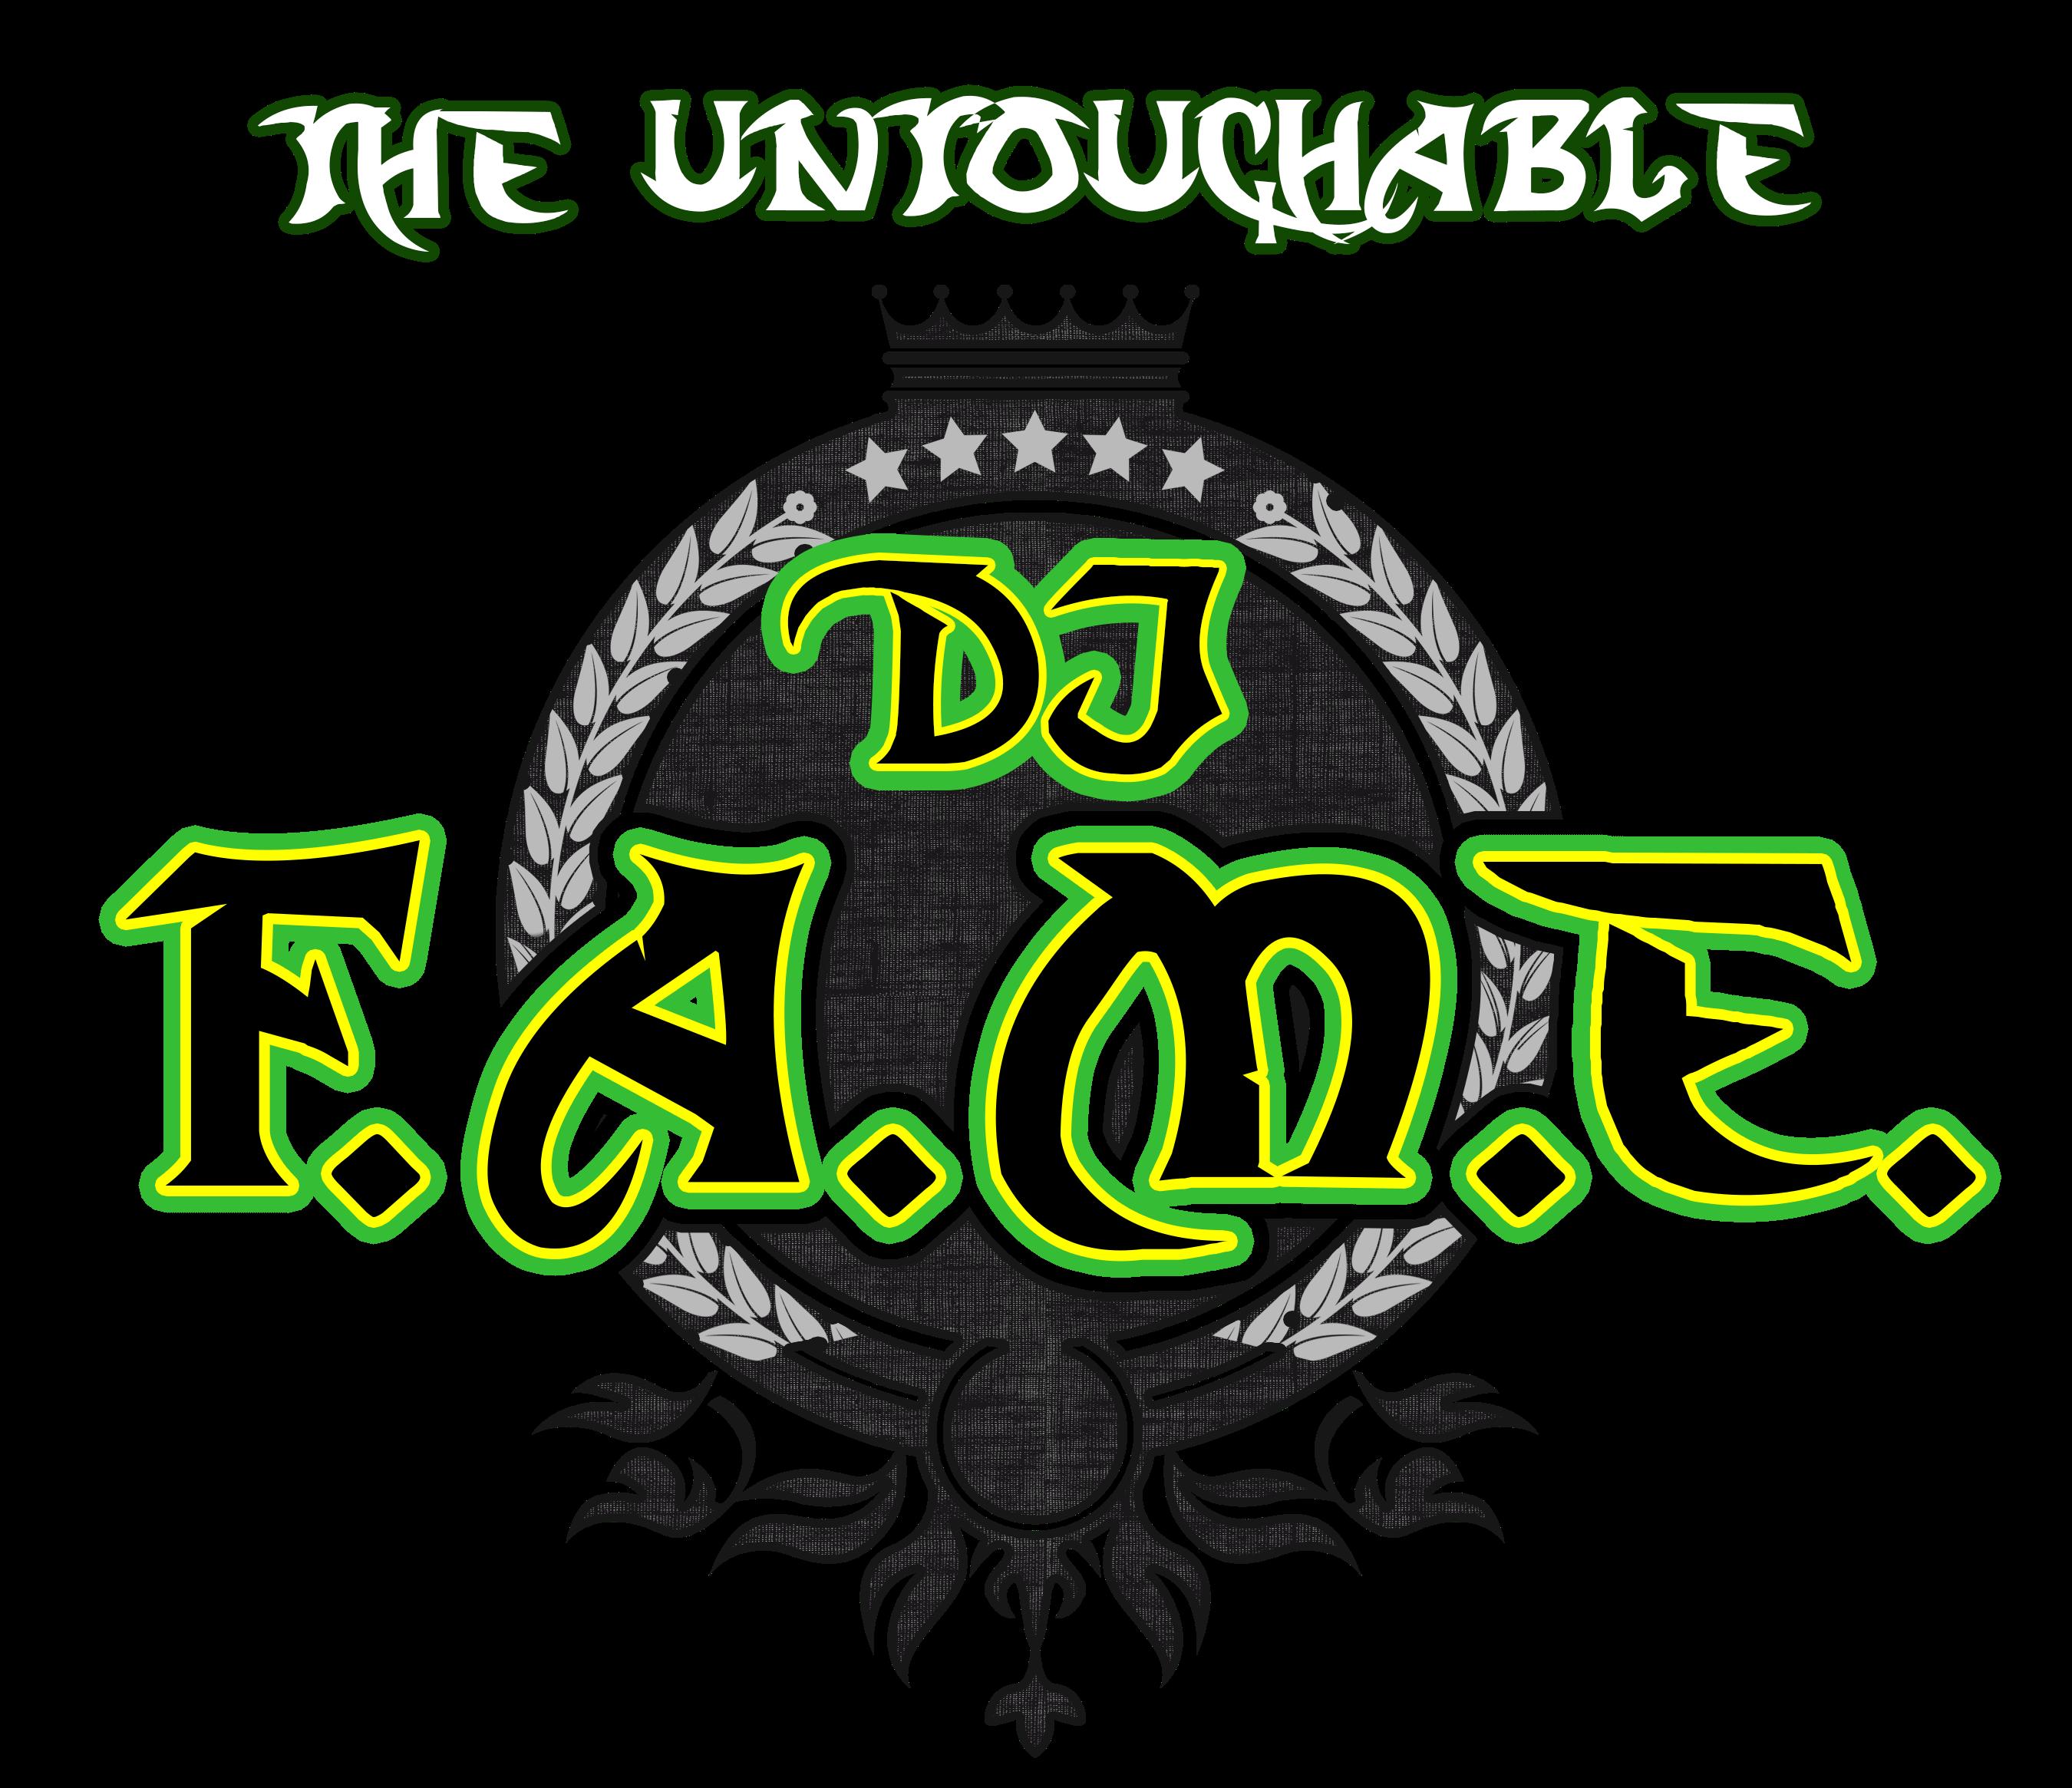 DJ F.A.M.E.